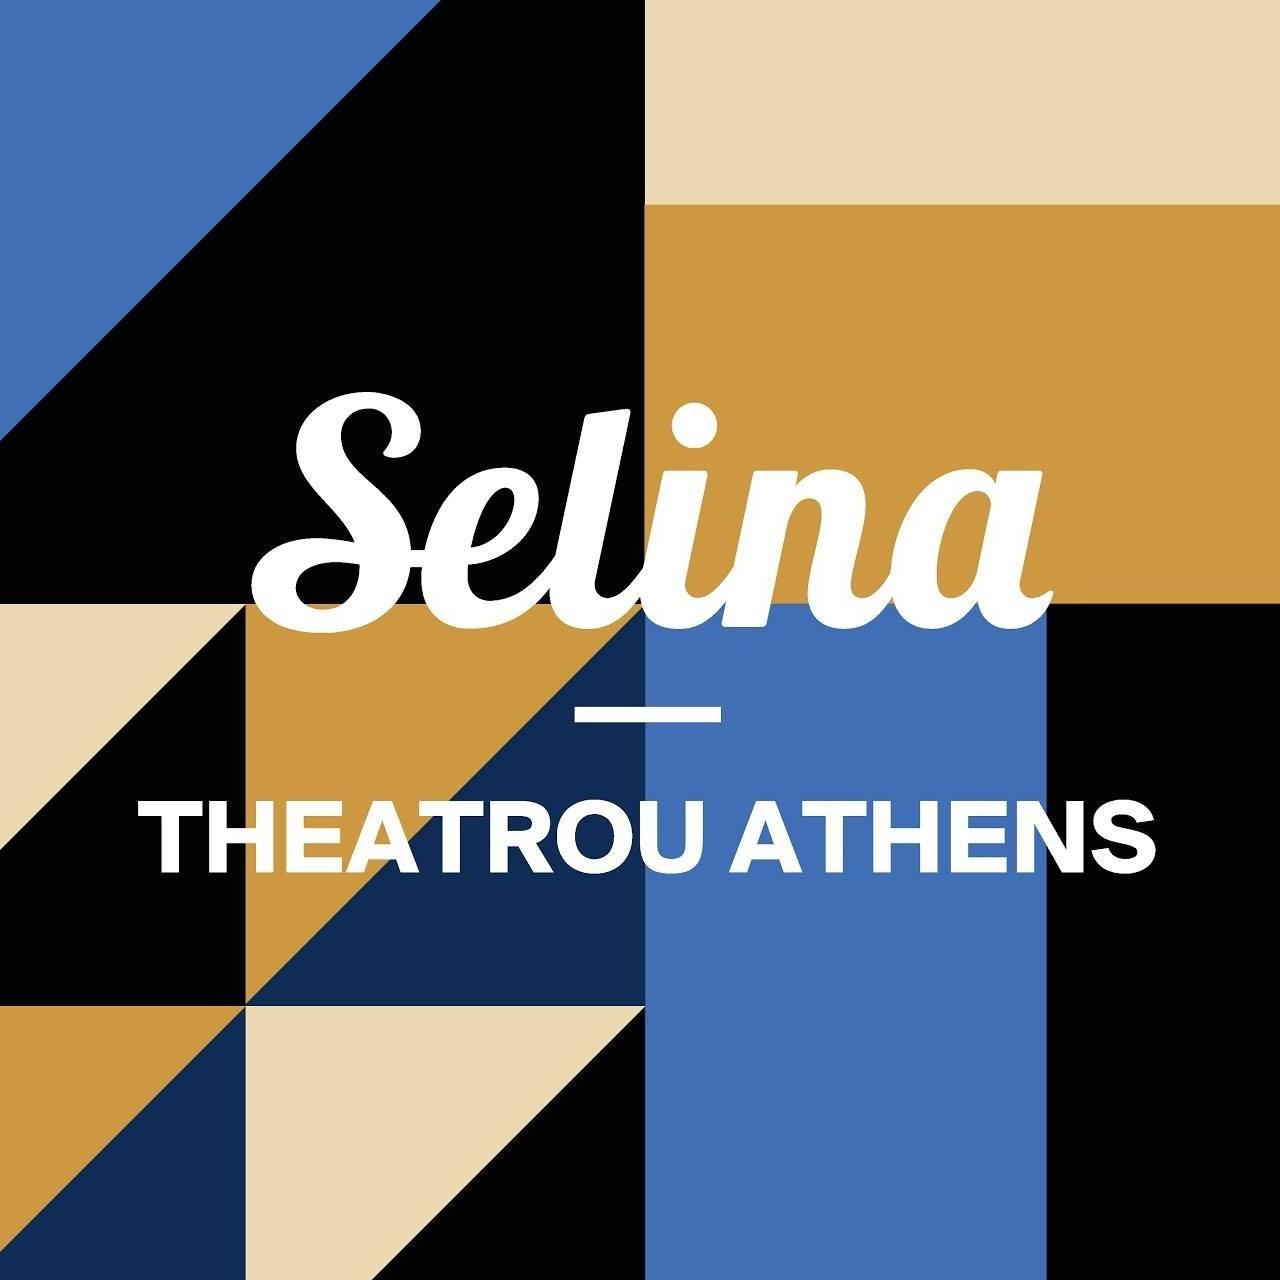 Selina Theatrou Athens - Coliving Company